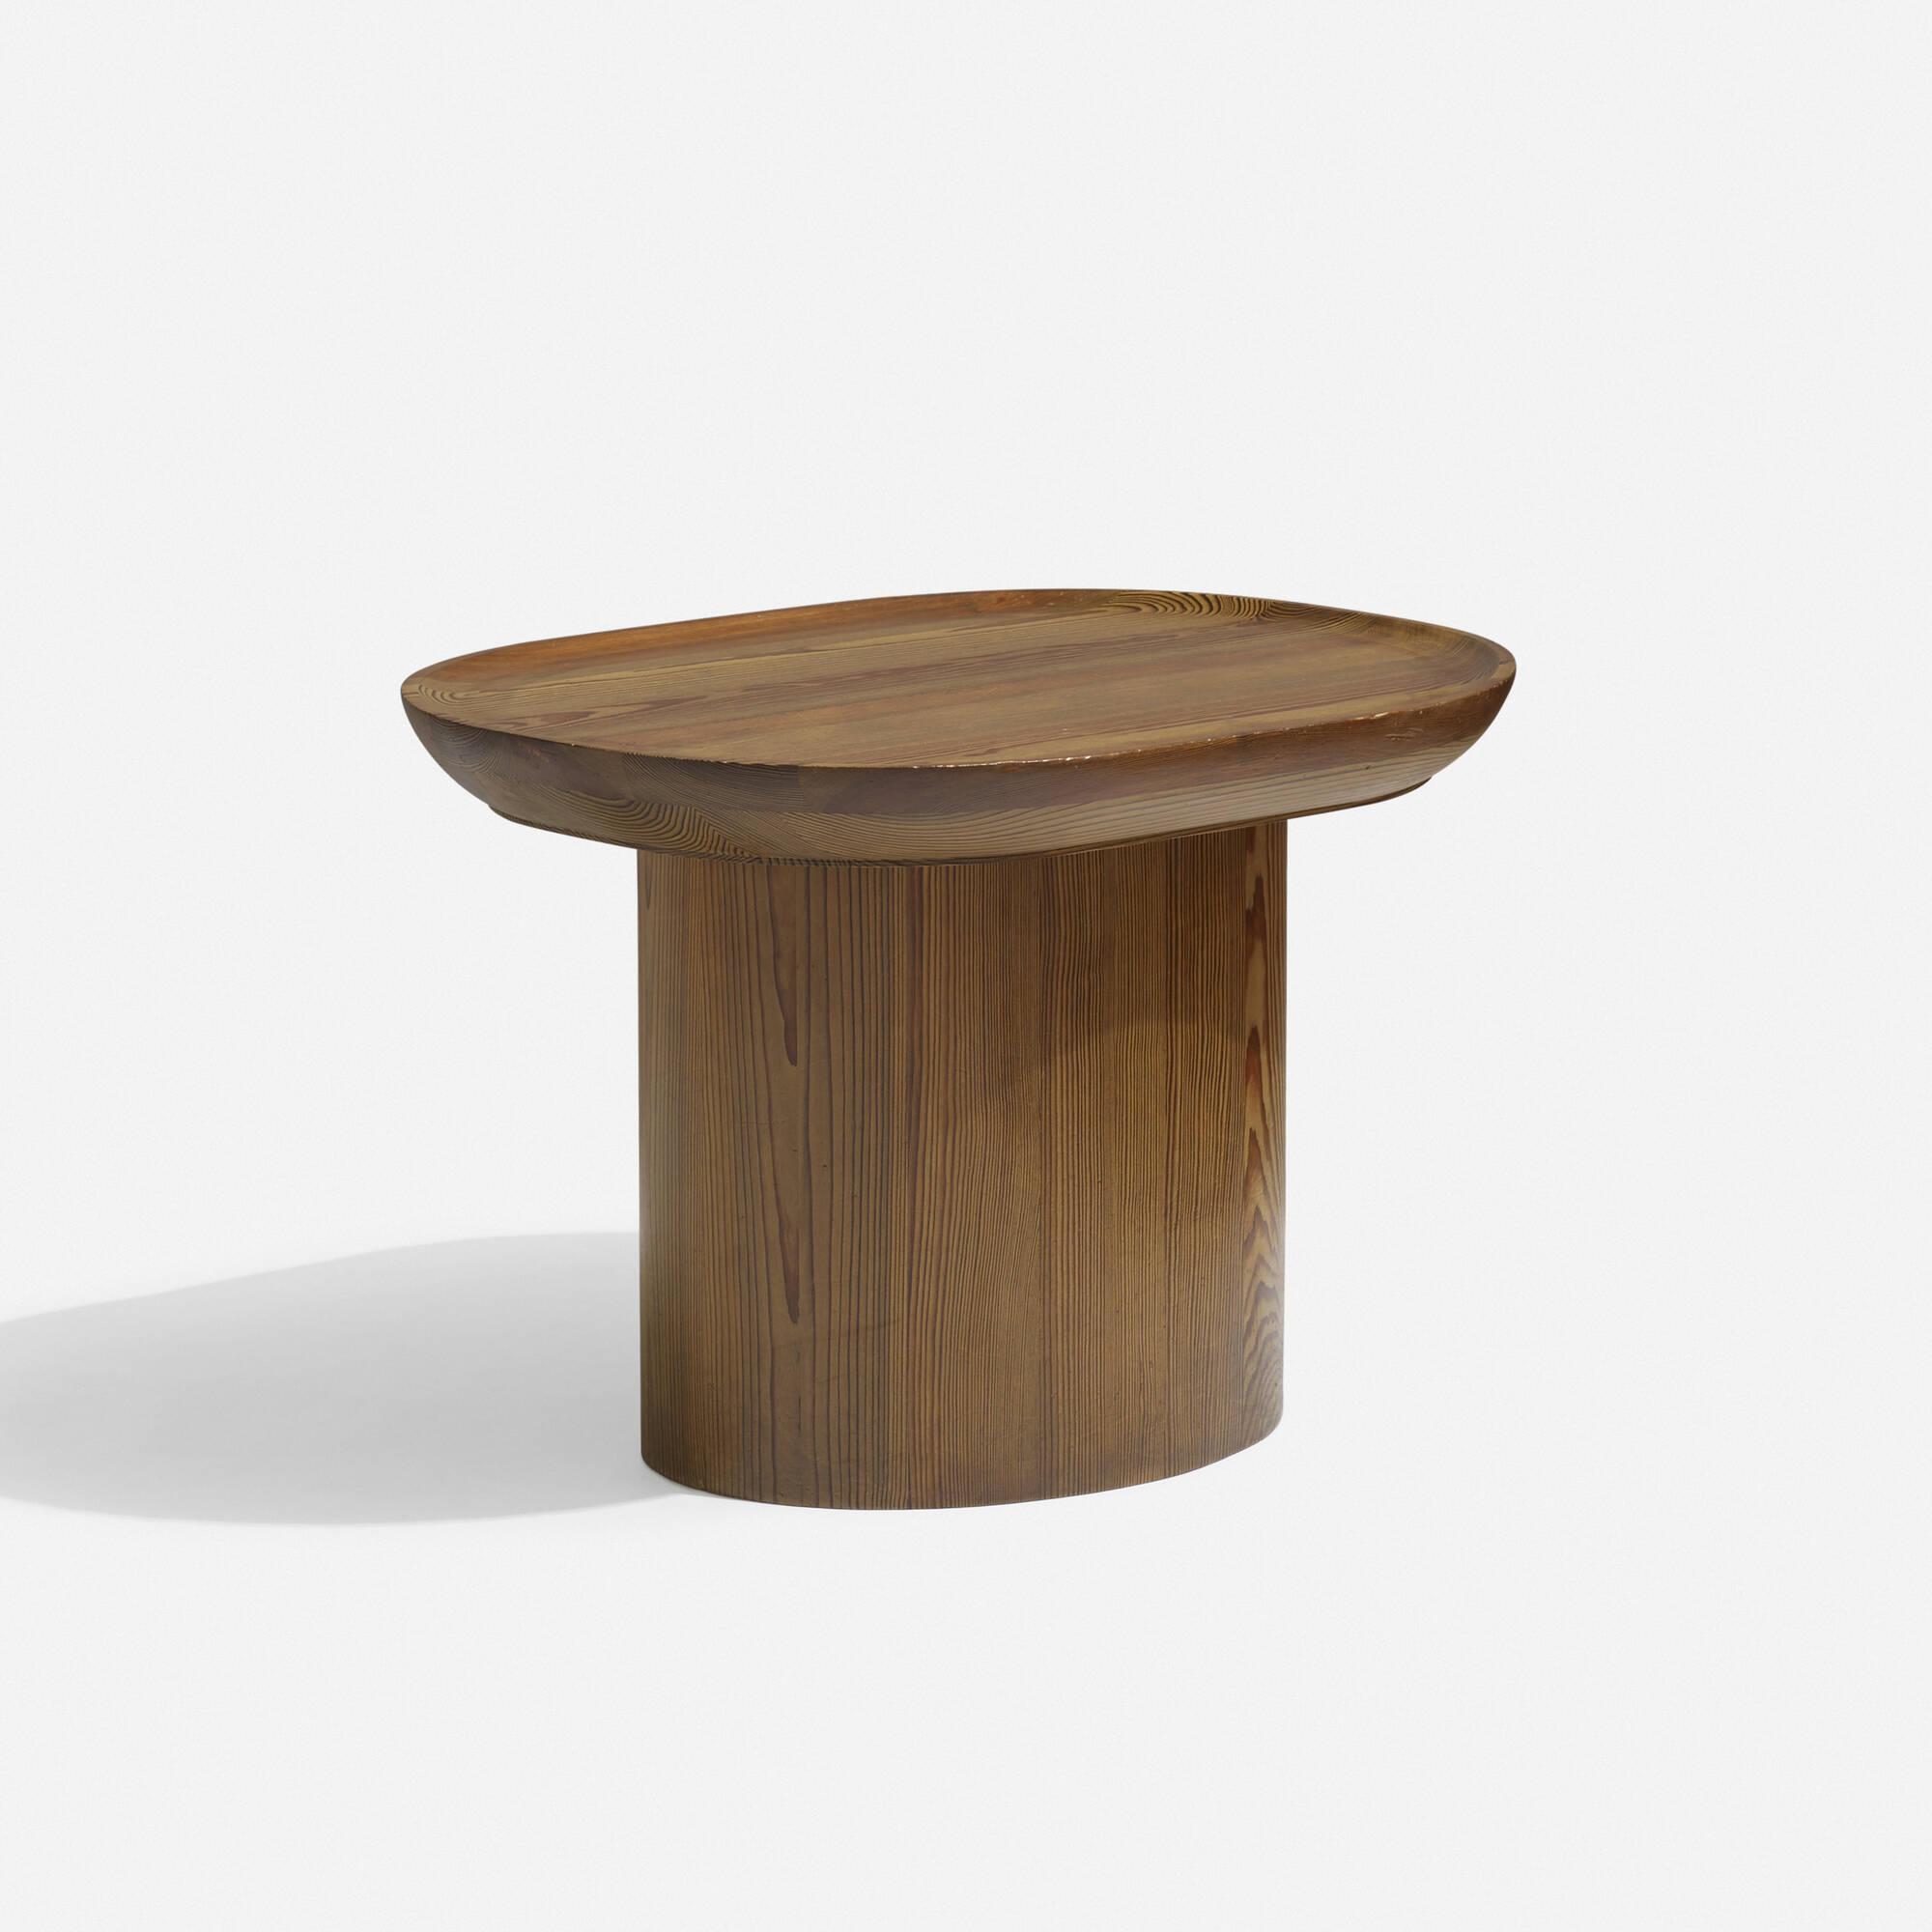 263: Axel Einar Hjorth / Utö table (1 of 4)